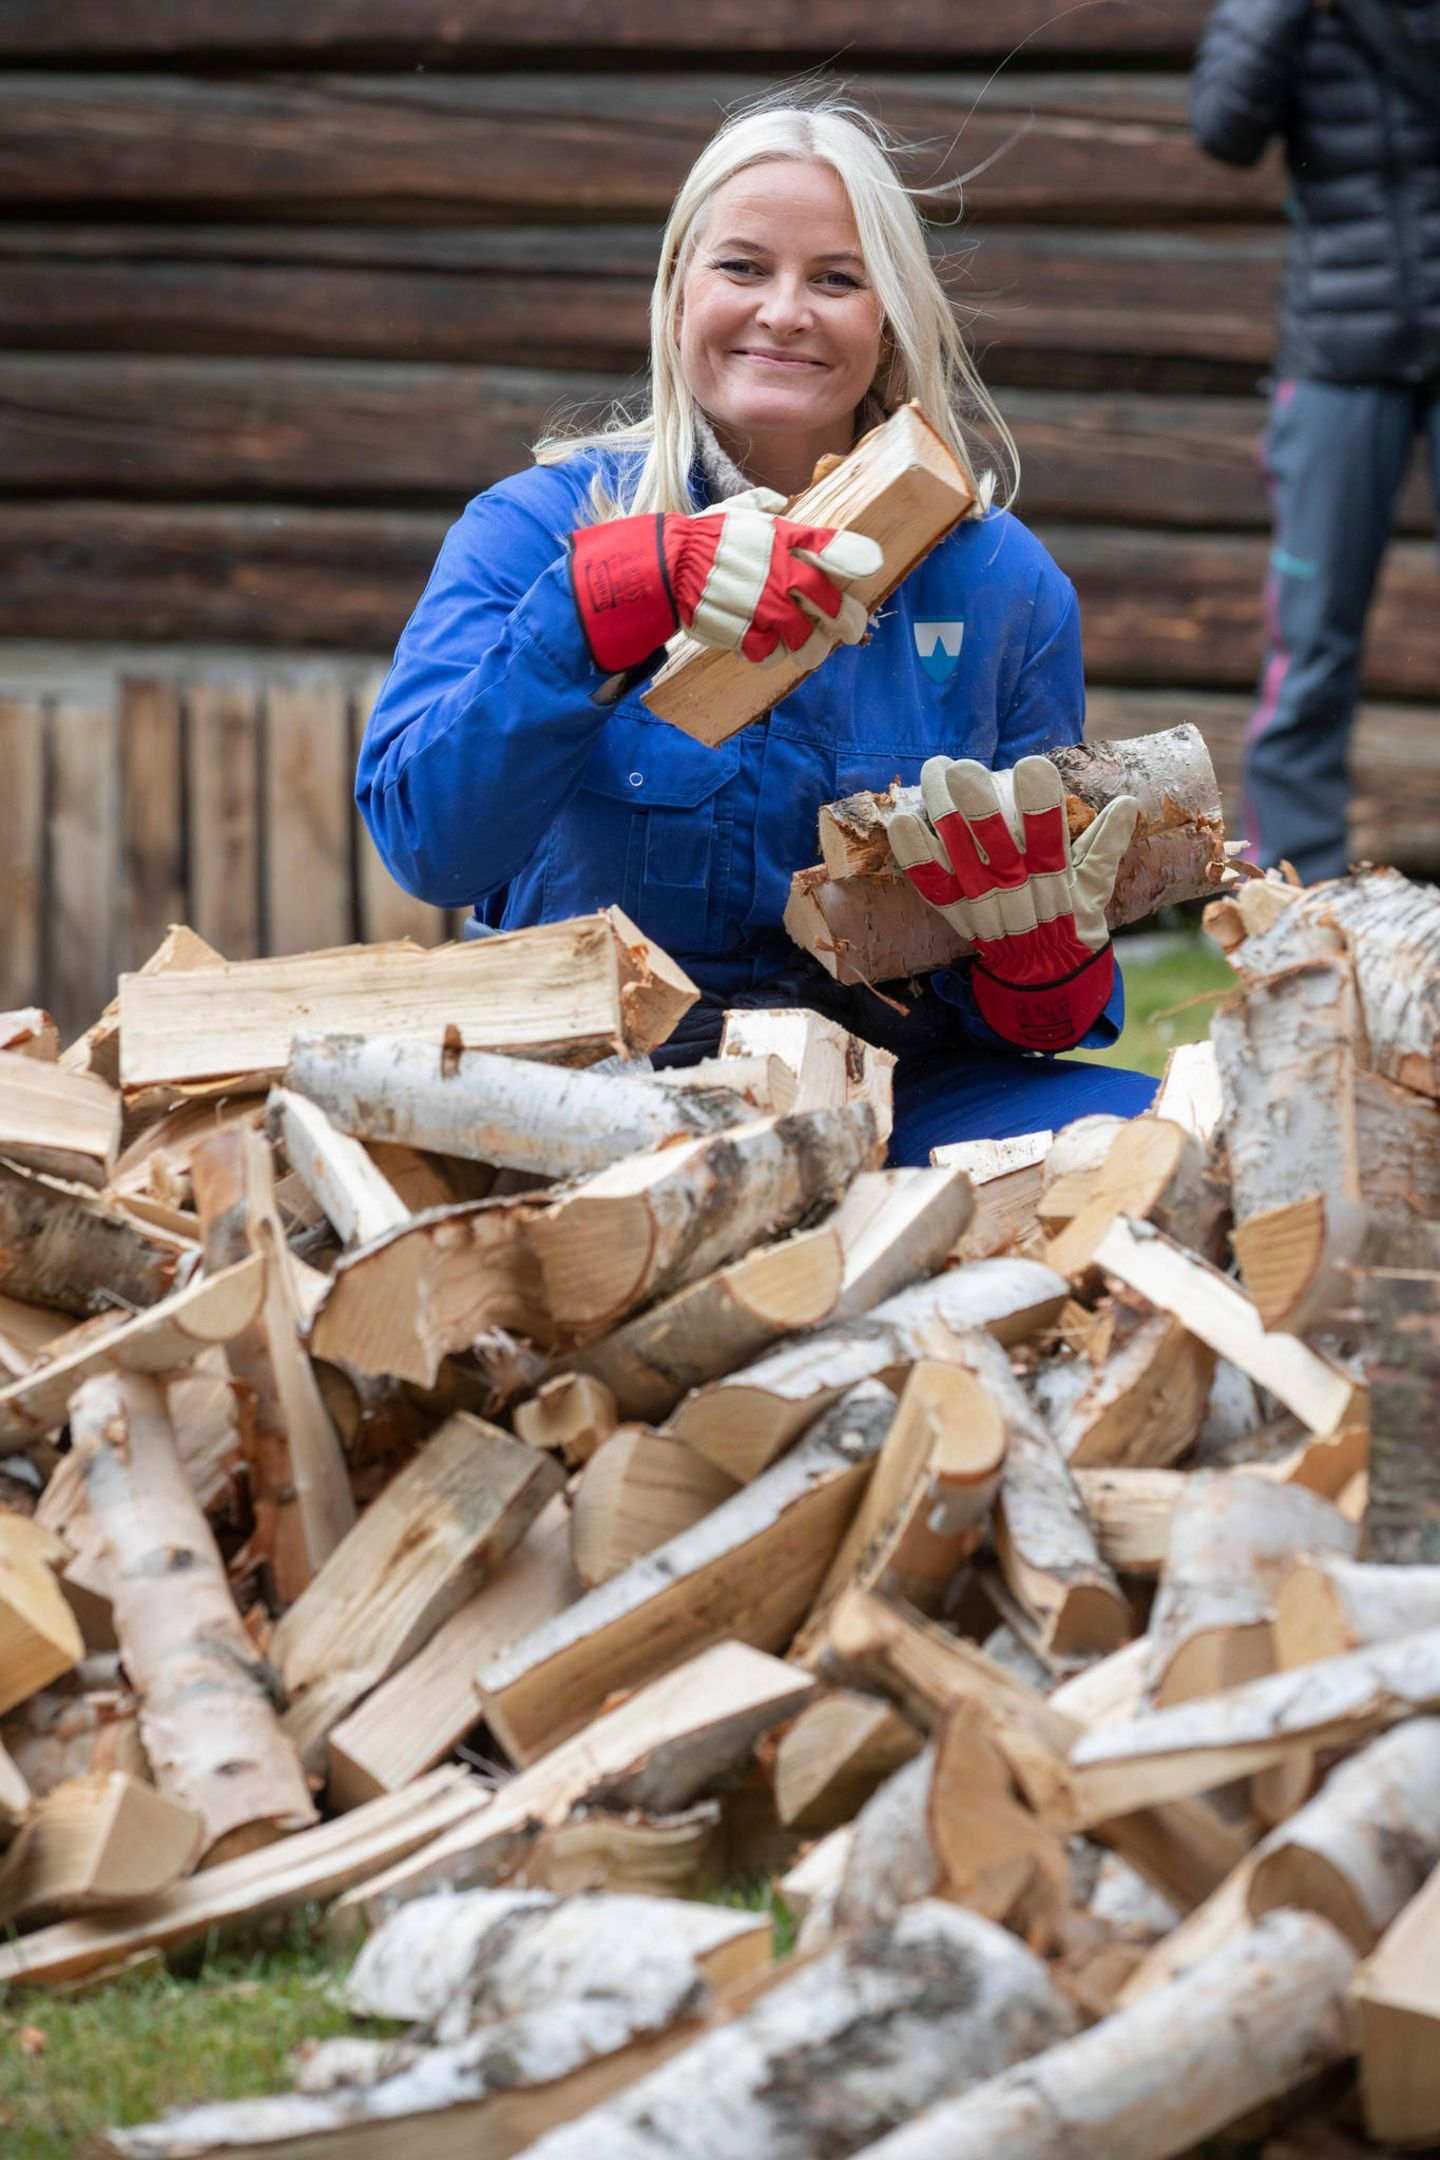 17. September 2019   Beim Besuch des Stadtmuseums von Lesja im Rahmen ihrer Reise durch die norwegische Provinz Oppland musstenPrinz Haakon und Prinzessin Mette-Marit ordentlich mit anpacken und Holz für den Winter sammeln.